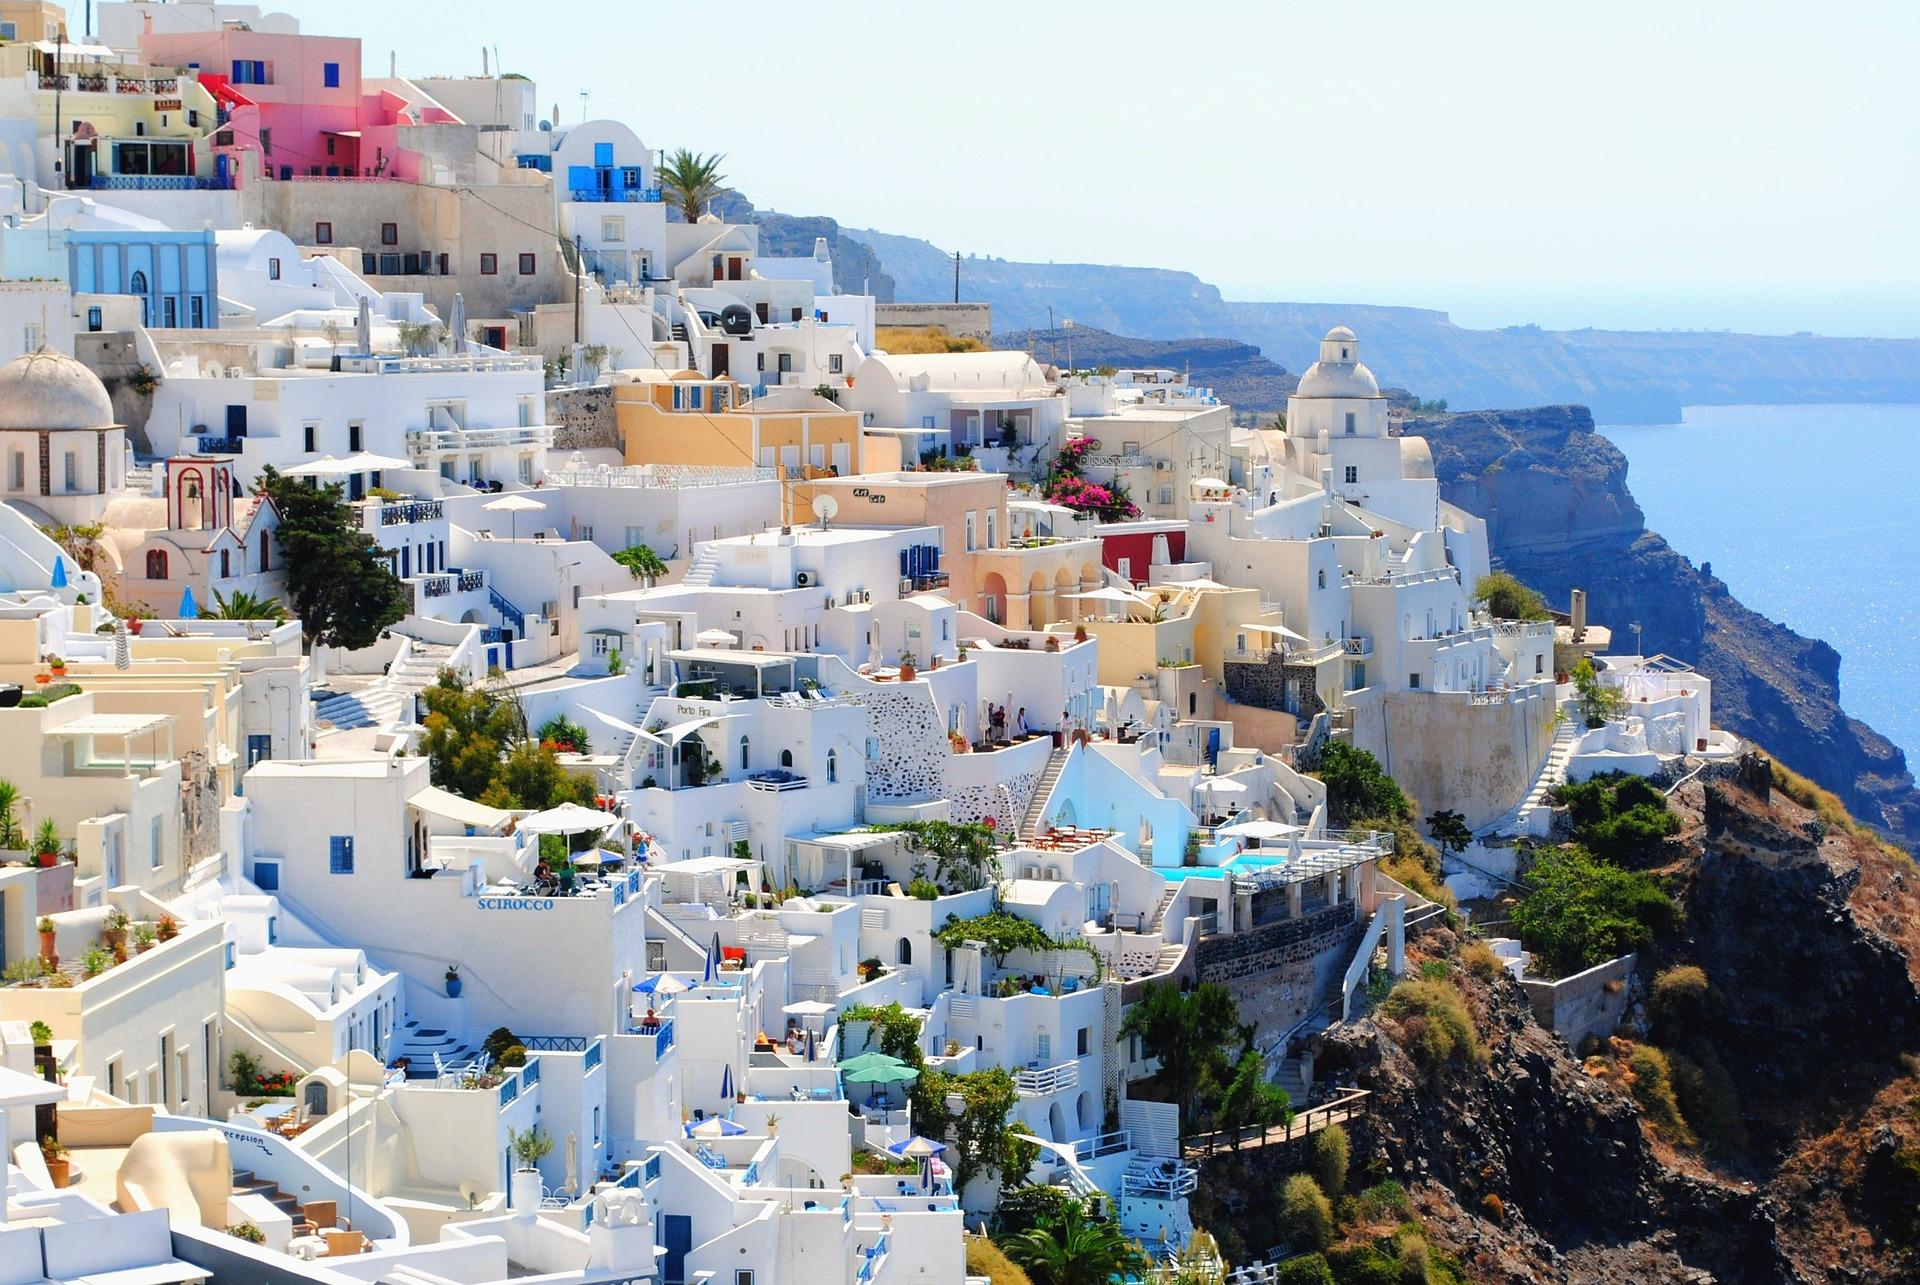 santorini, grecia, viaje, vacaciones, verano, pueblo, mar, cielo, escapada Fondos de Pantalla HD - professor-falken.com